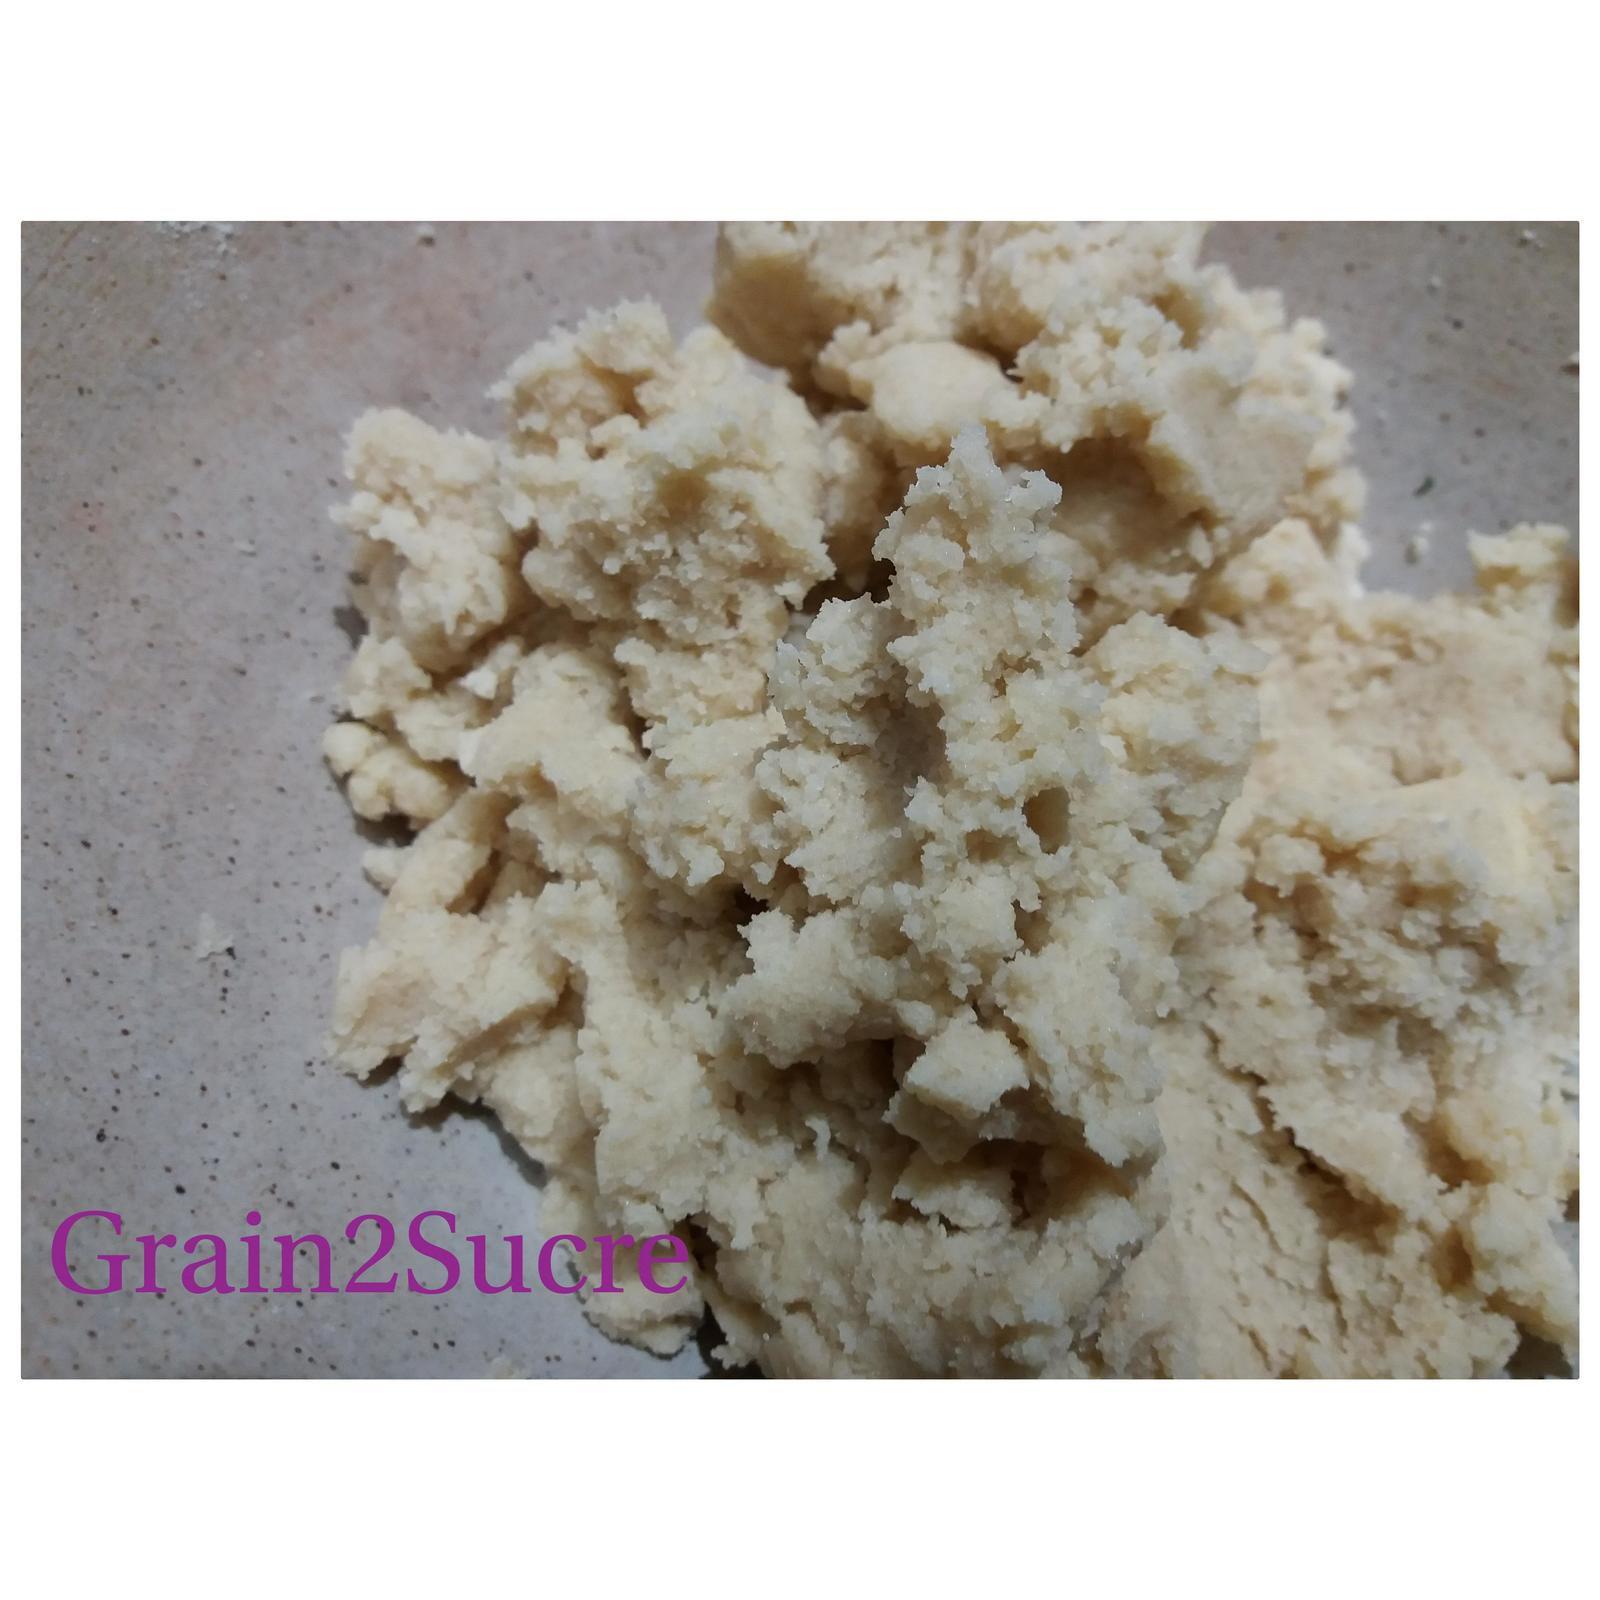 Grain2Sucre. Pâte à Crumble, farine, beurre, sucre semoule, cassonade, poudre d'amandes